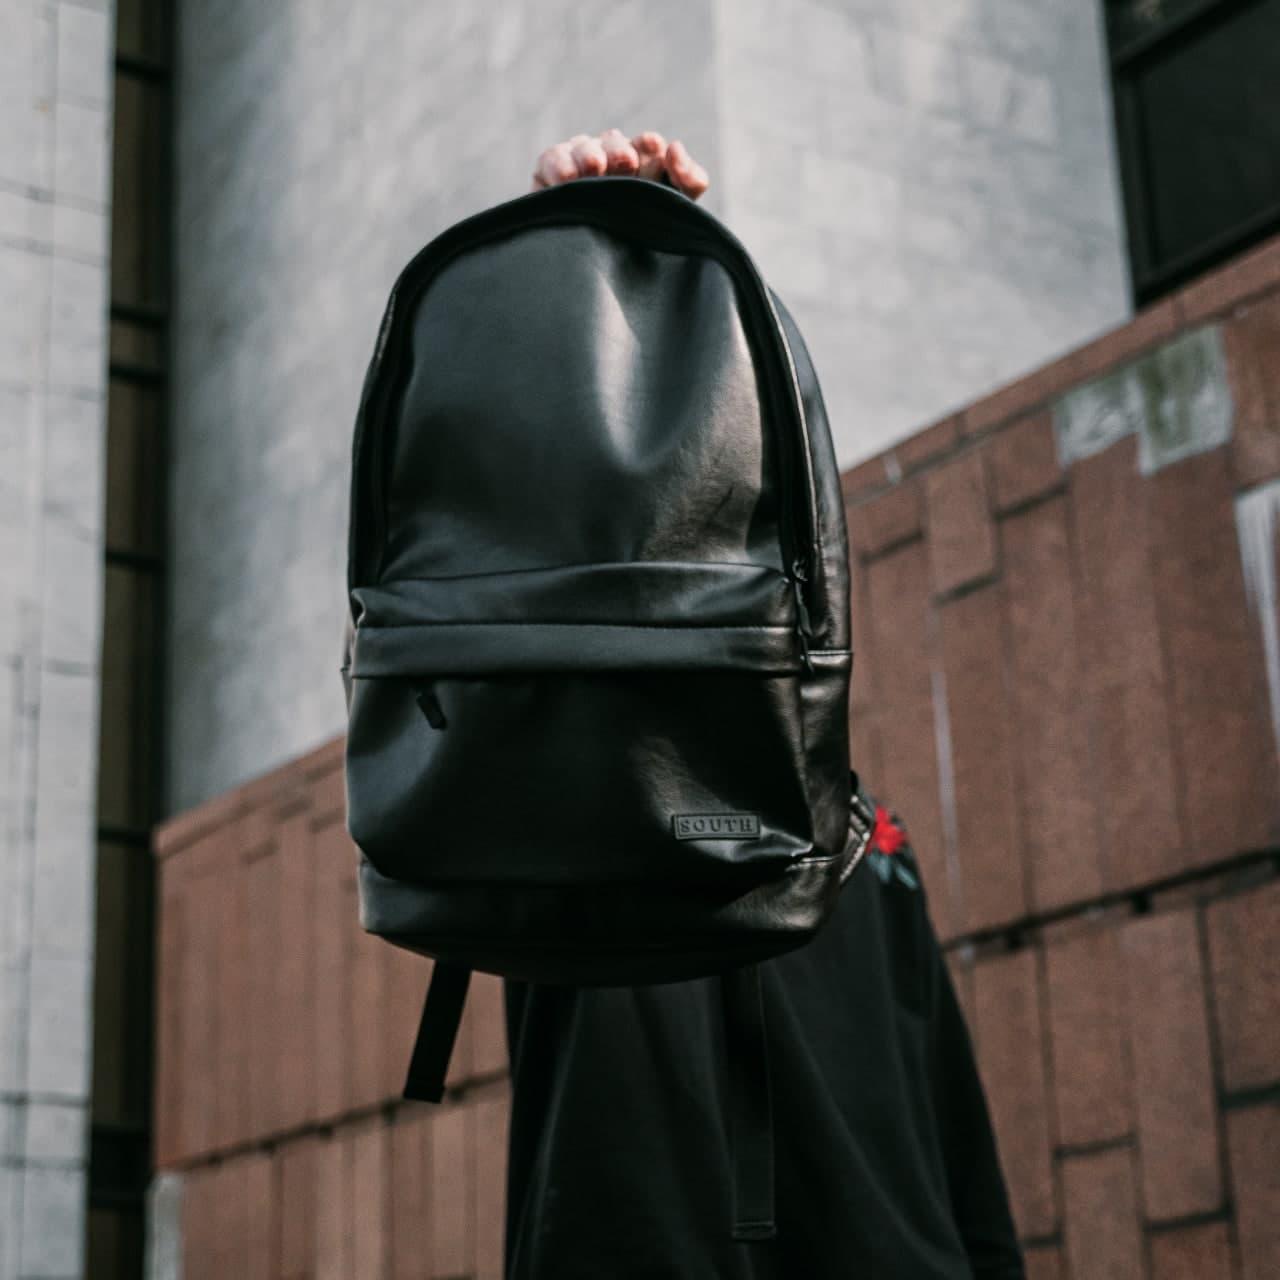 Рюкзак South Classic black 2.0 - фото 2